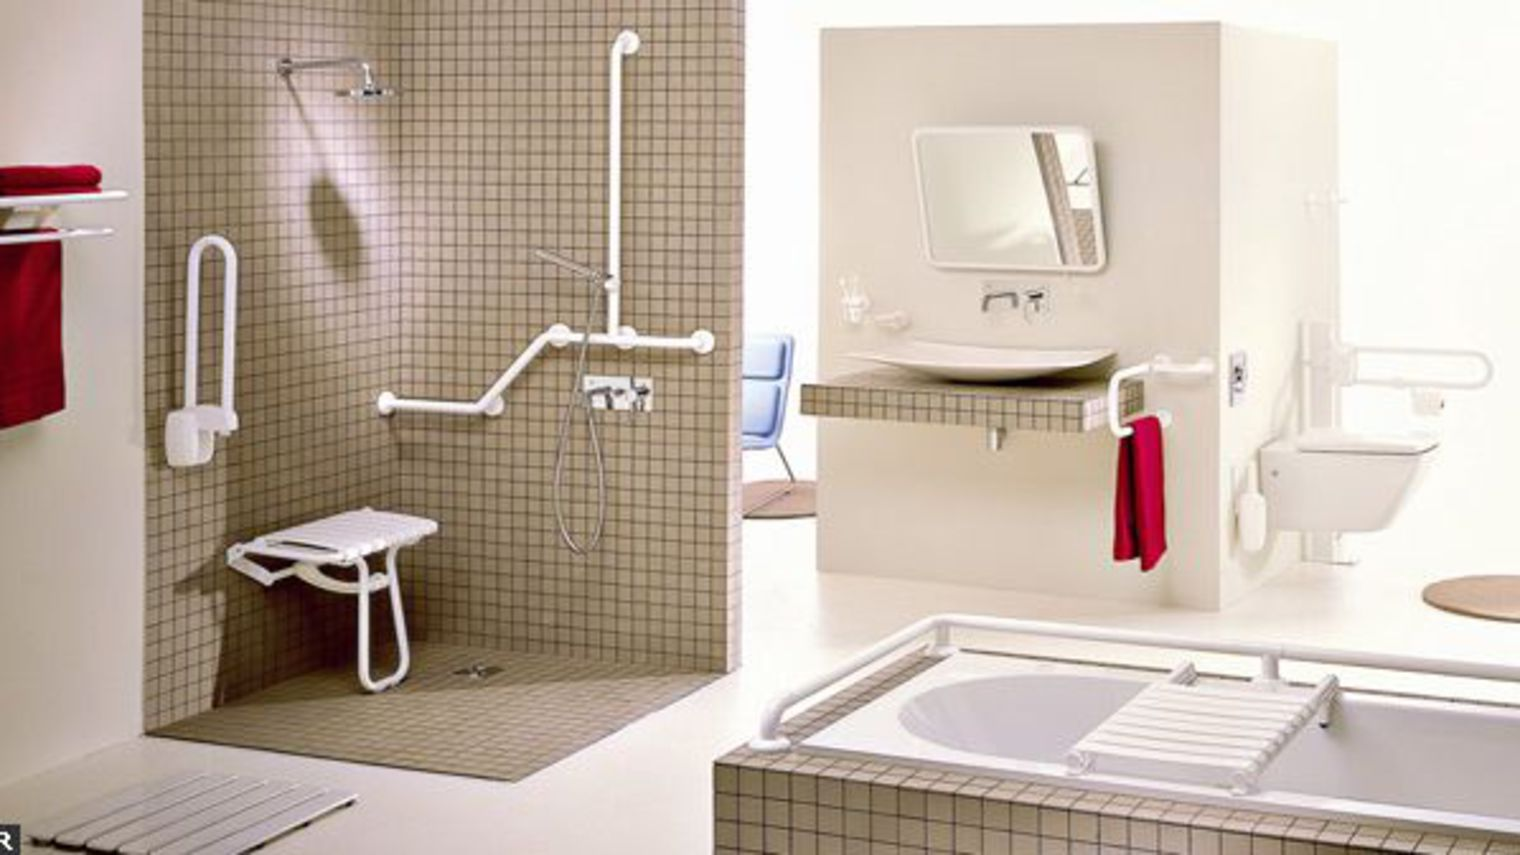 Comment aménager un sanitaire spécial handicapé ?